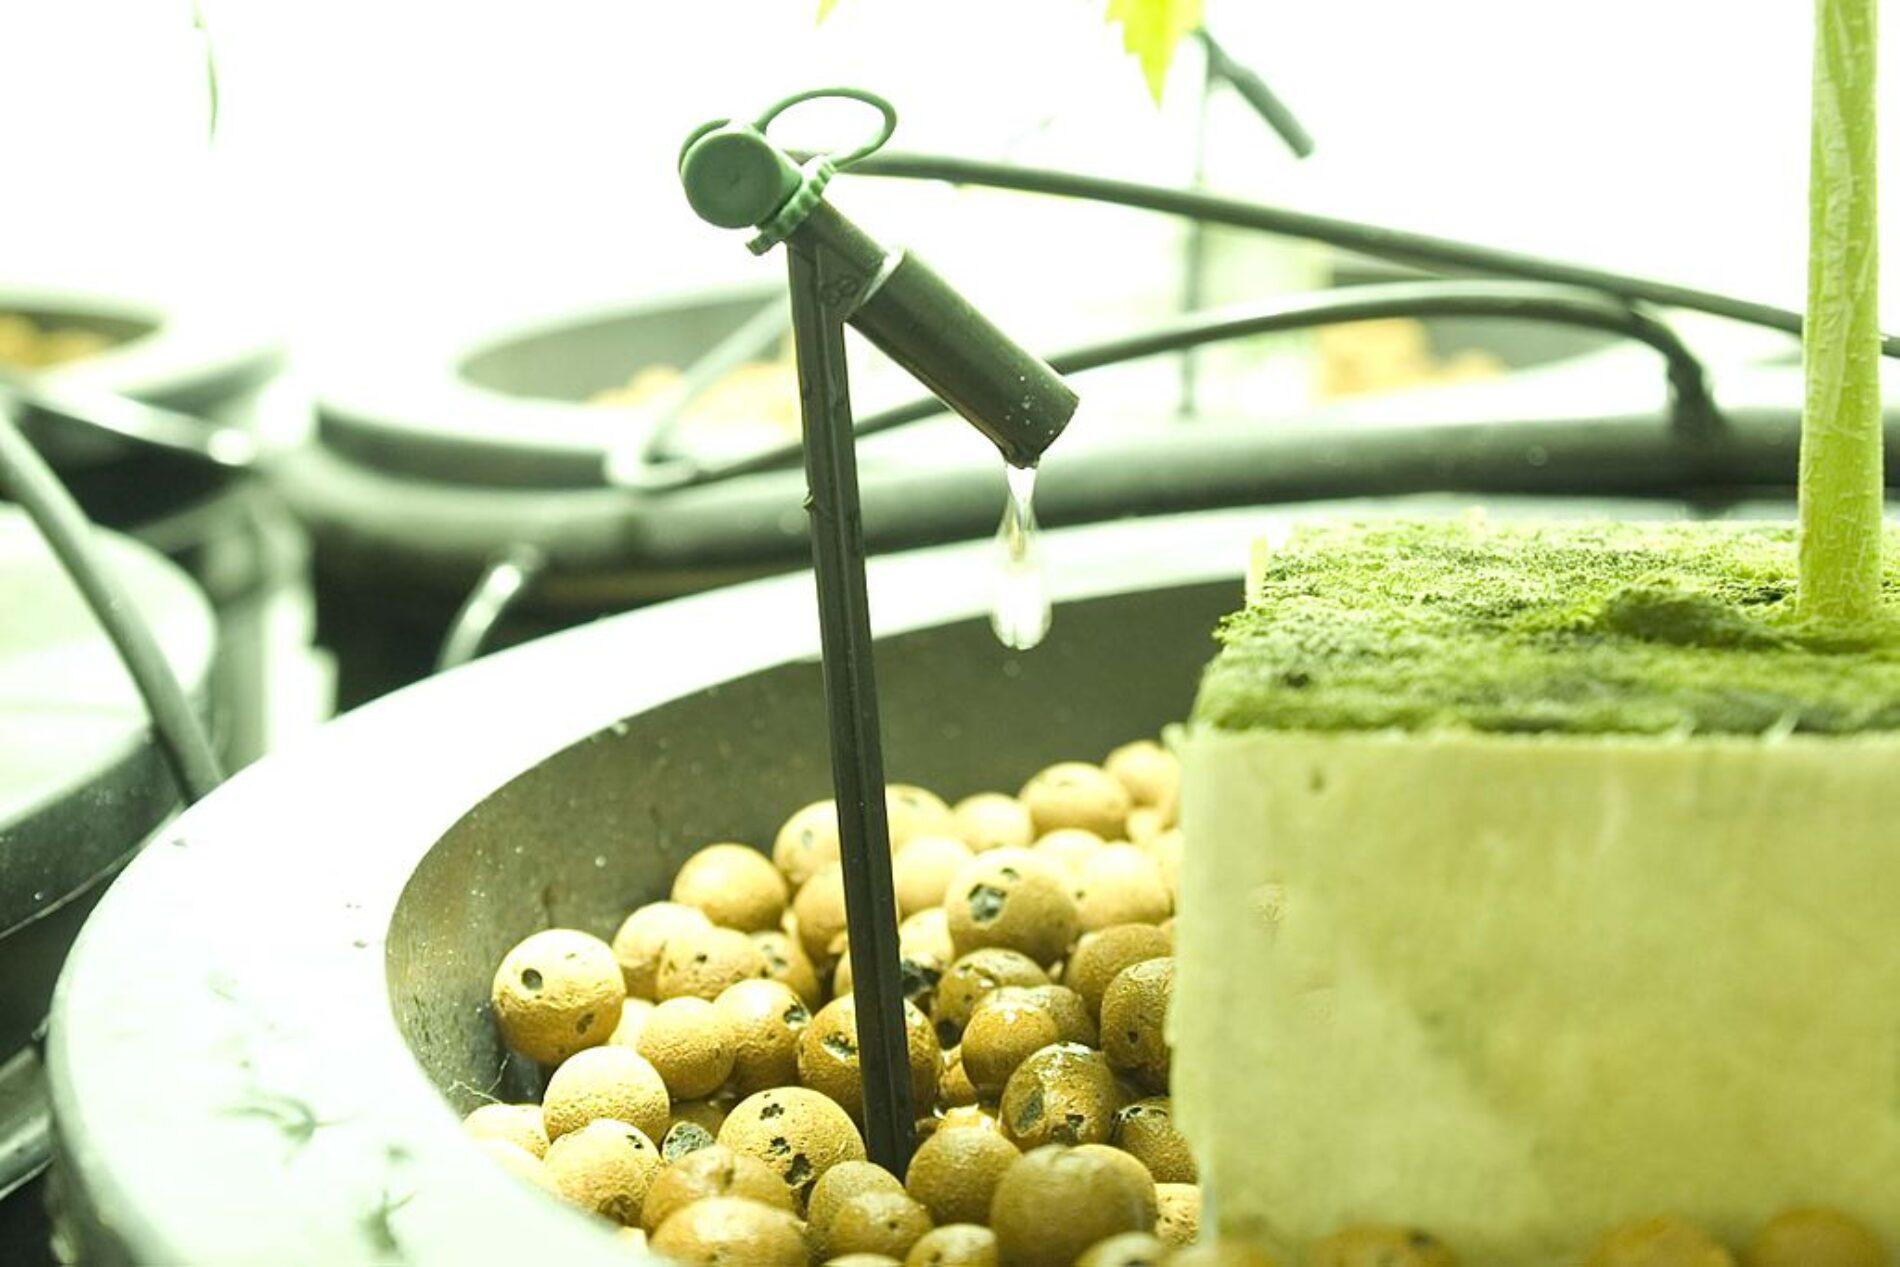 Εύκολος Τρόπος Ποτίσματος Φυτών Τομάτας